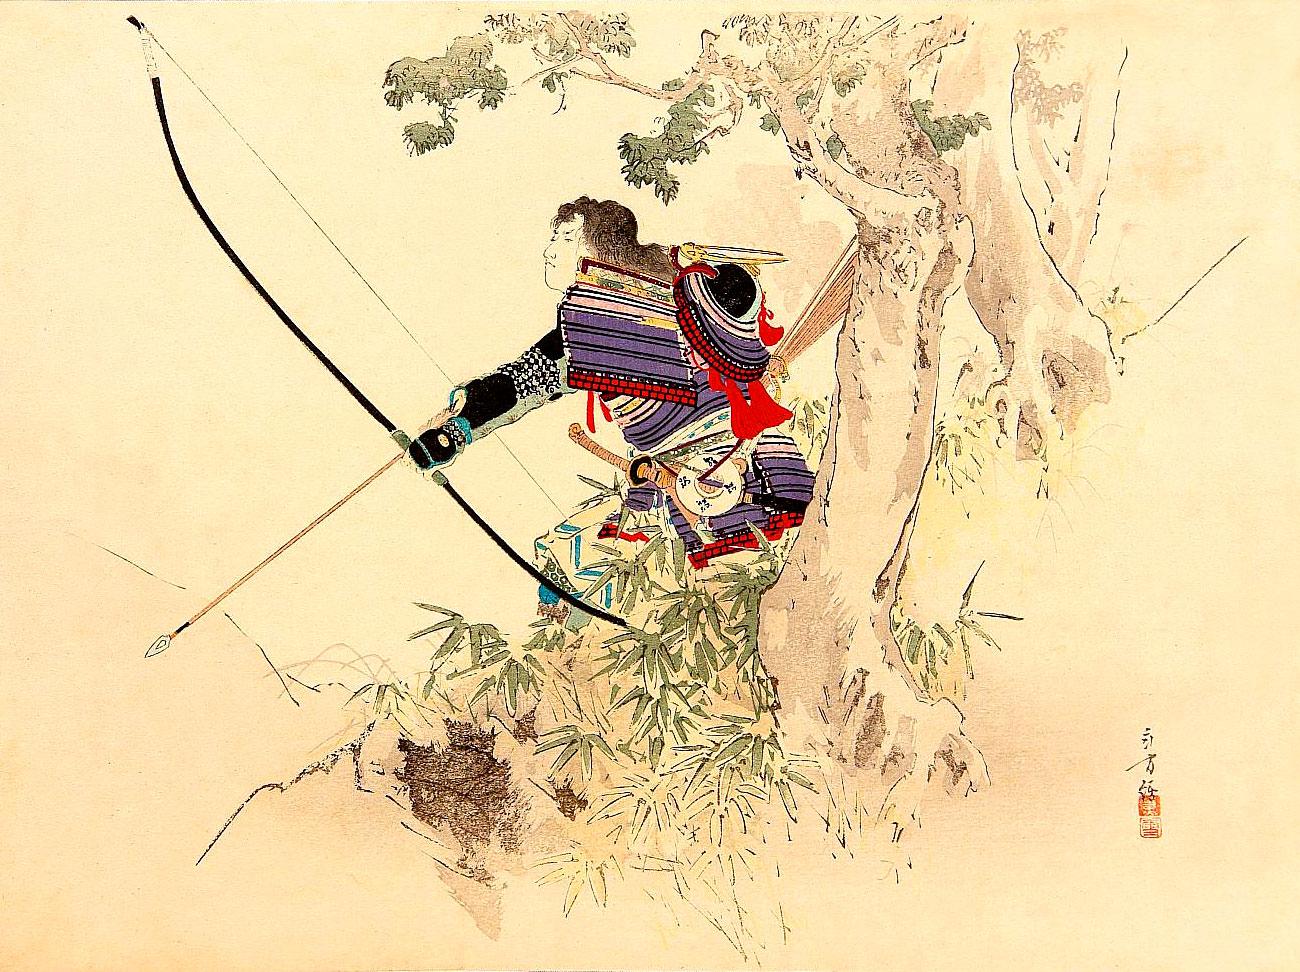 Mizuno Toshikata - Samurai Archer with Japanese Longbow